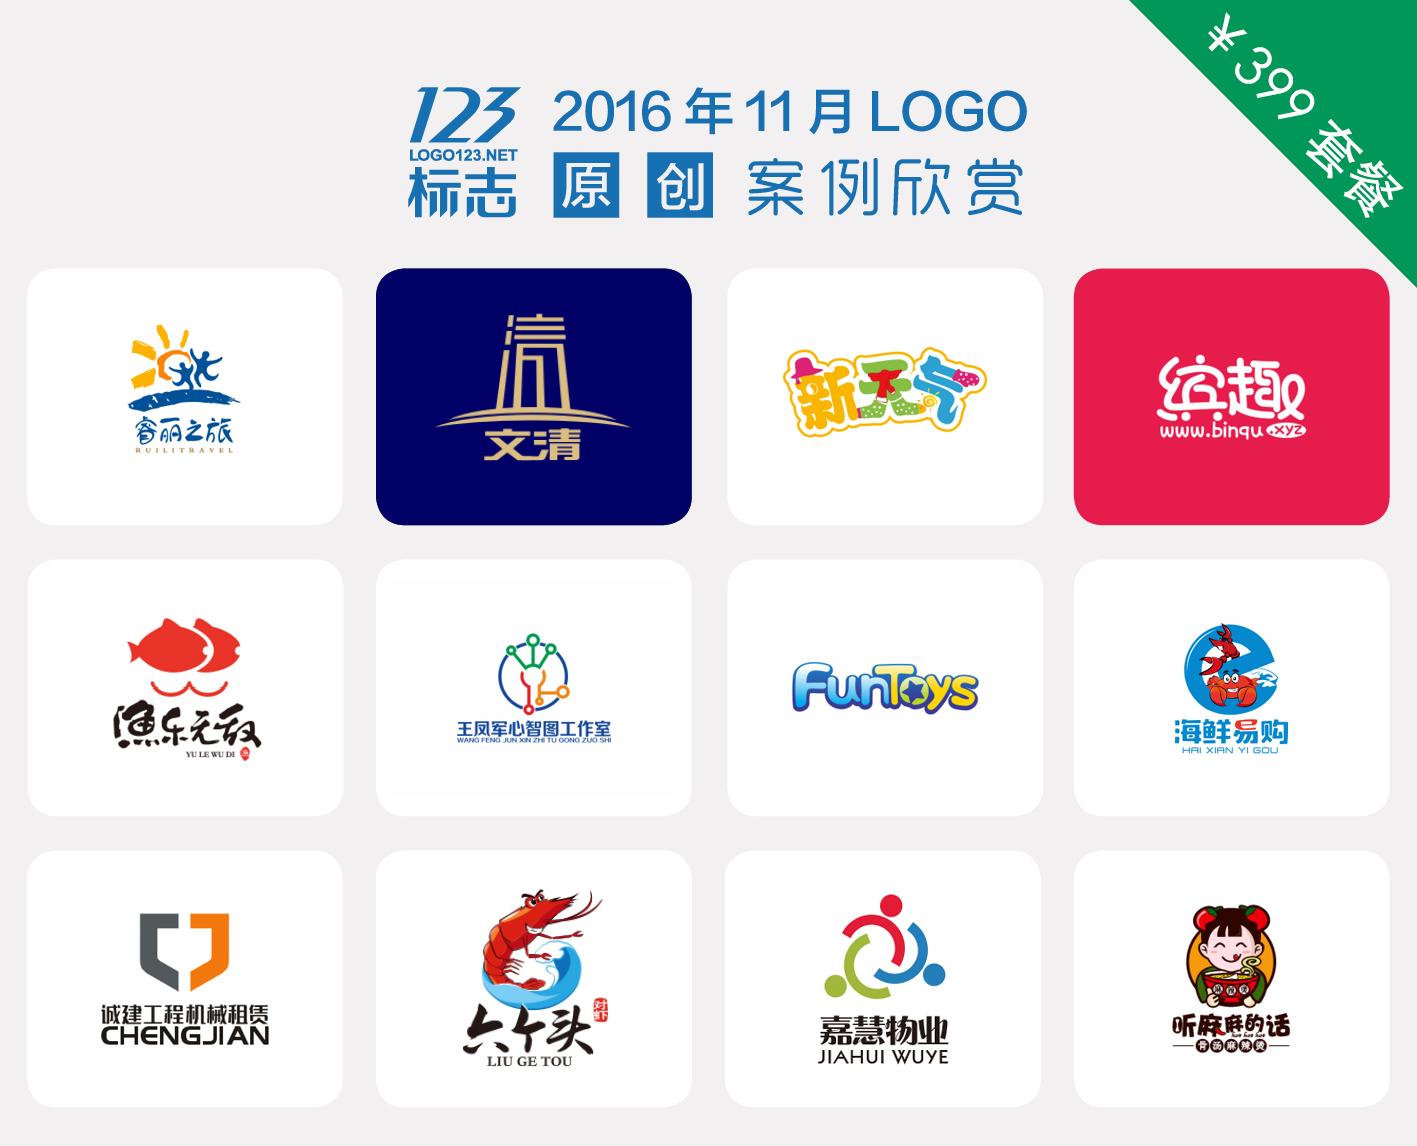 123标志原创优秀logo设计欣赏【2016年11月】